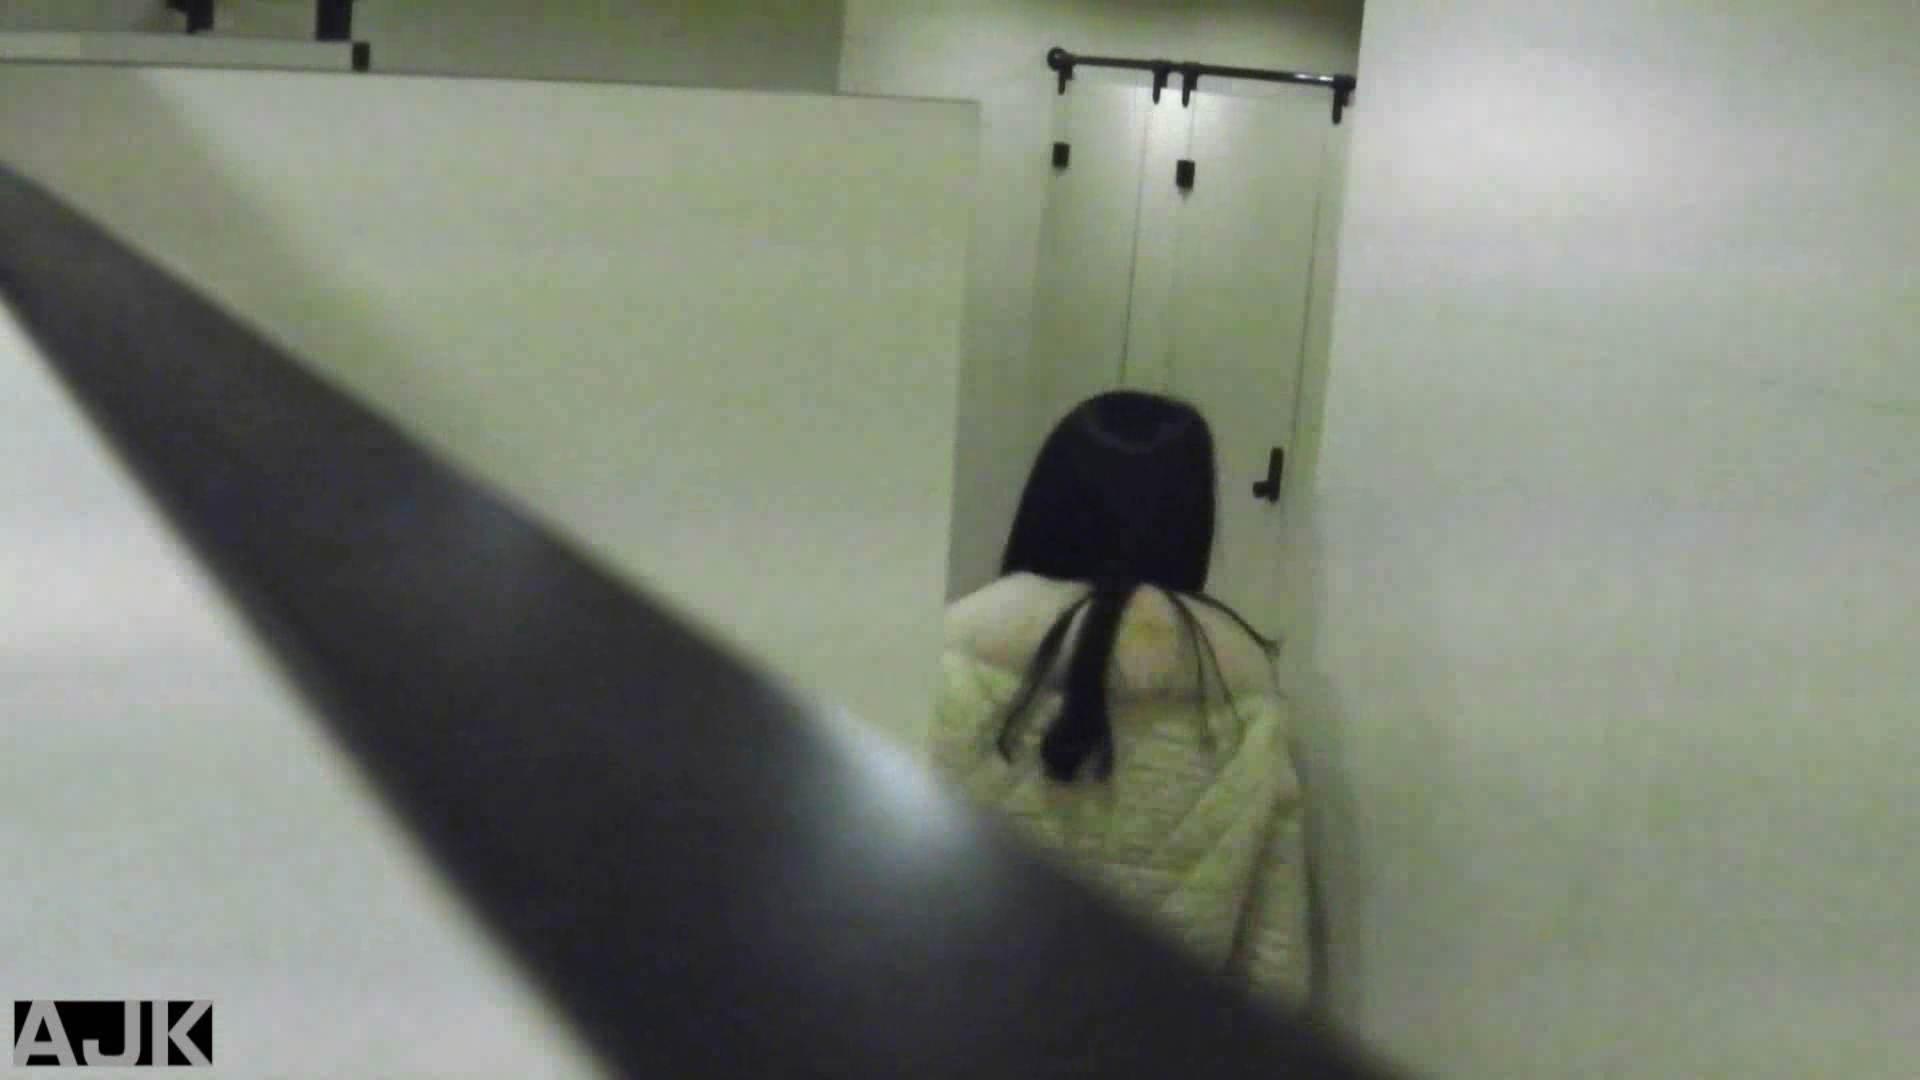 隣国上階級エリアの令嬢たちが集うデパートお手洗い Vol.17 お手洗い  98pic 14